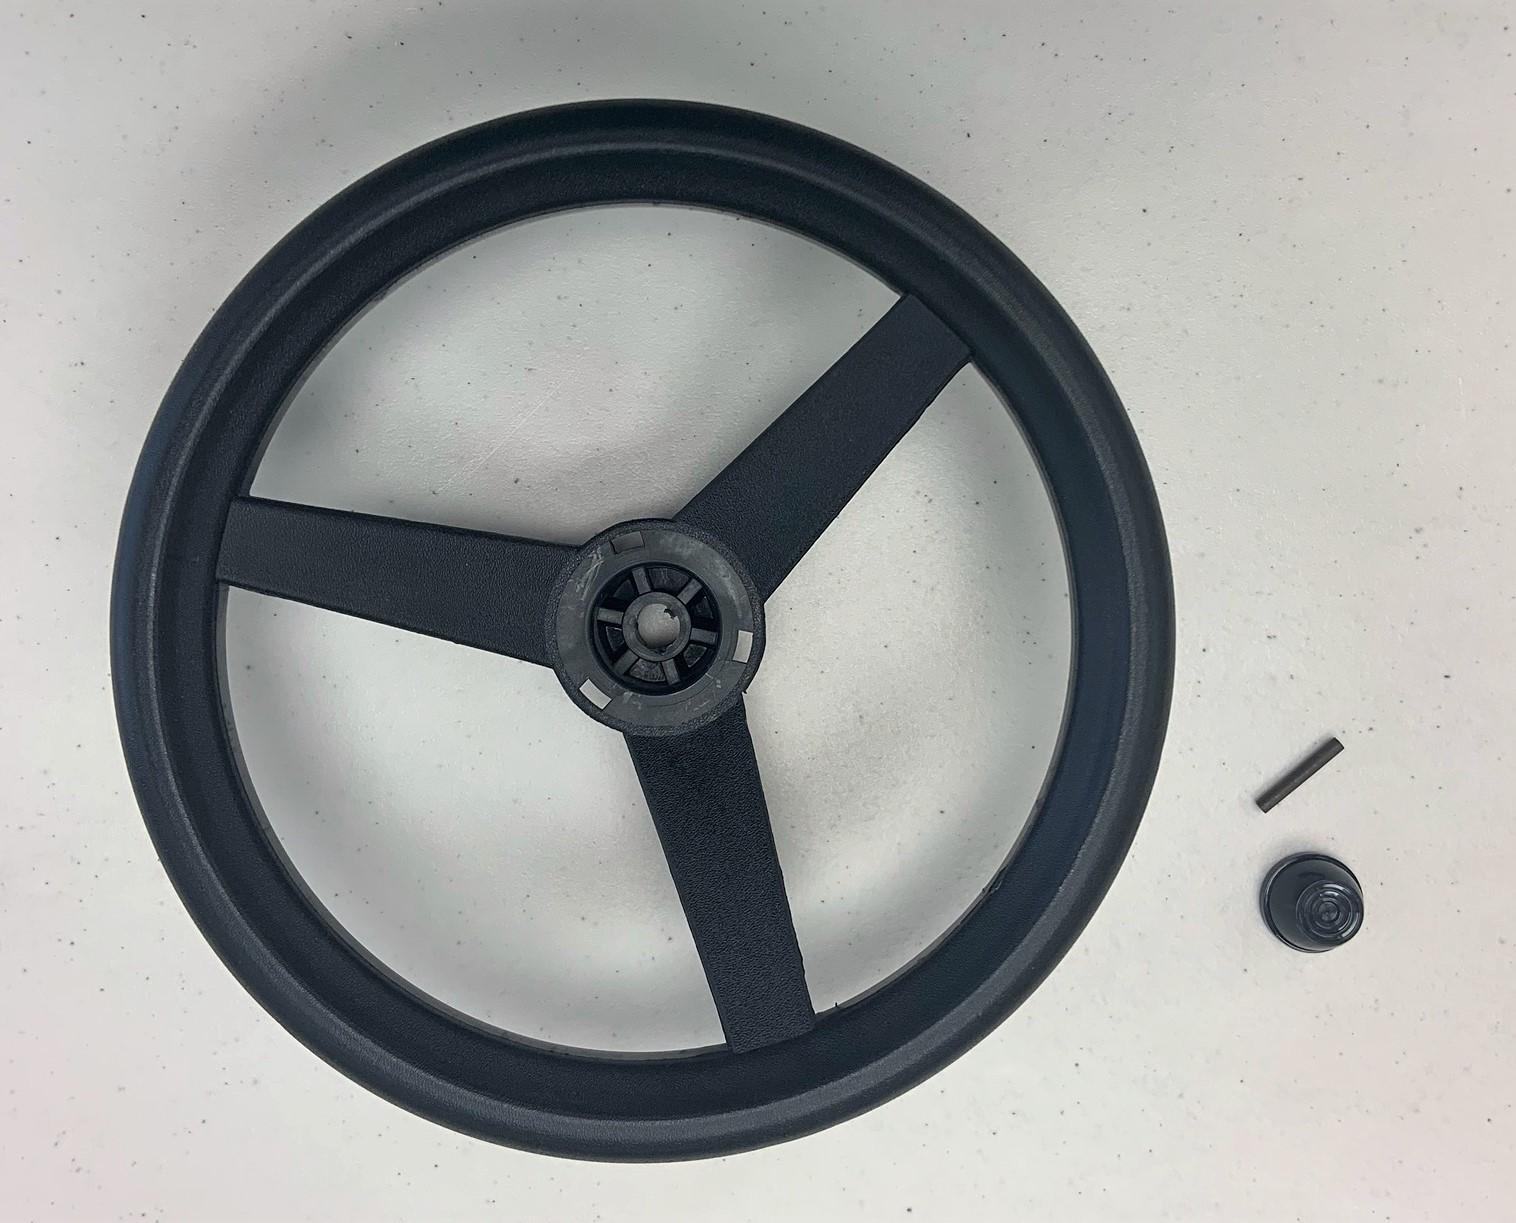 amf-steering-wheel-new.jpg